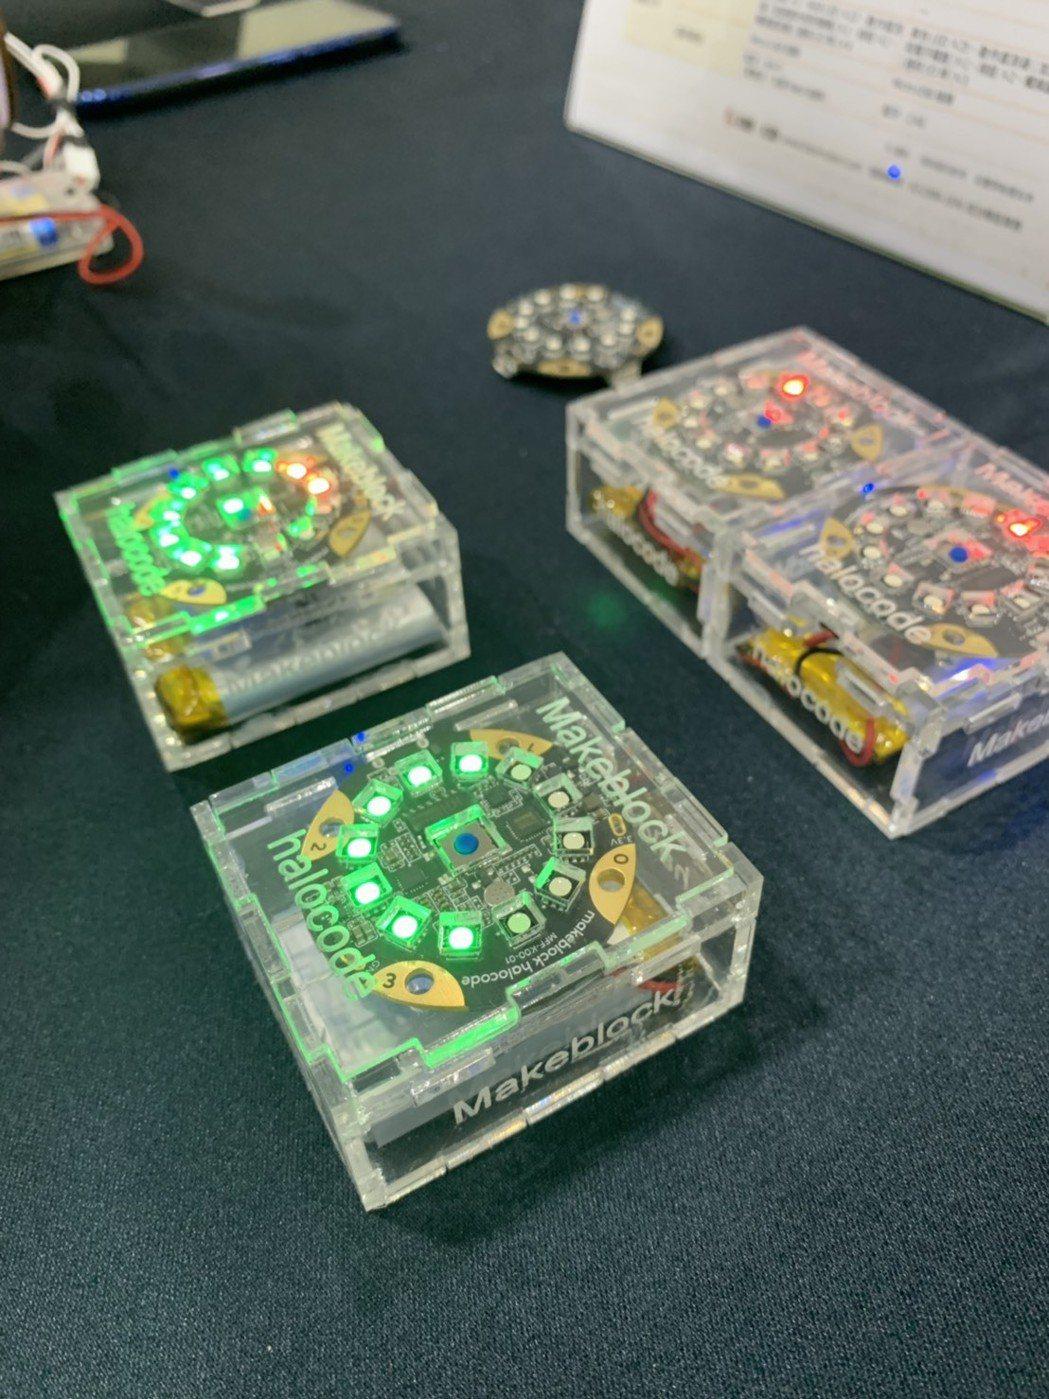 光環板是一塊可無線連網的單板電腦,內置WiFi 模組和麥克風,小巧機身擁有豐富的...